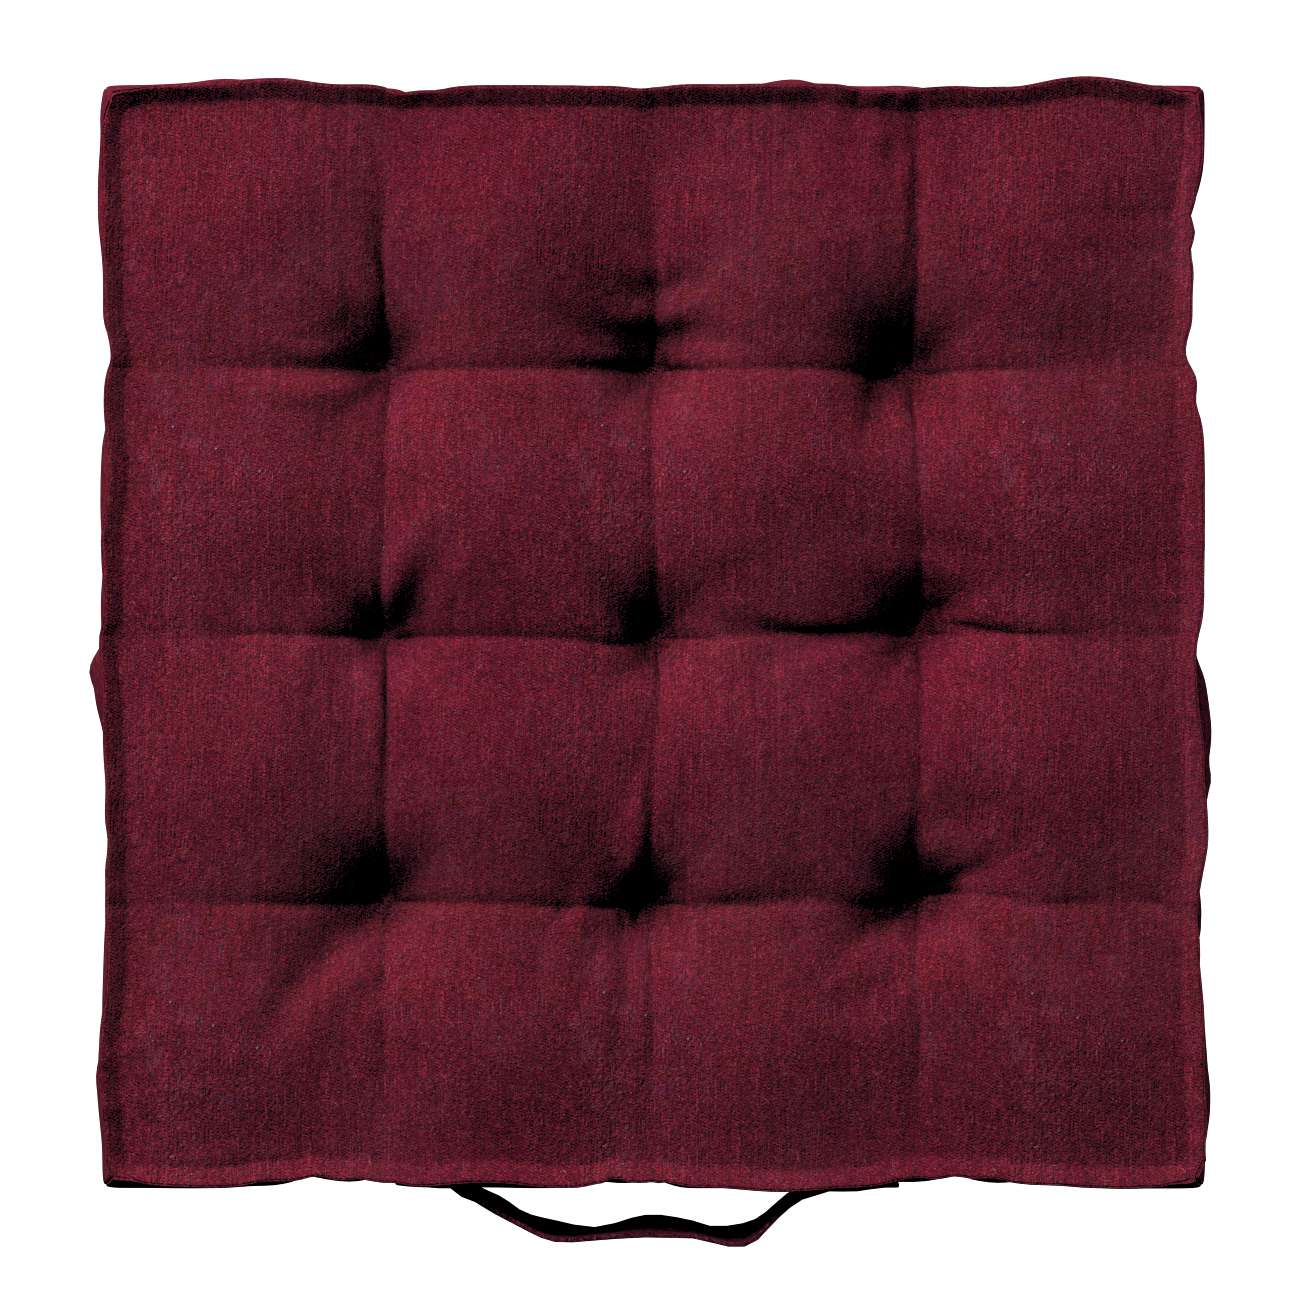 Pagalvėlė Kuba kėdei/ant grindų 40 x 40 x 6 cm kolekcijoje Chenille, audinys: 702-19